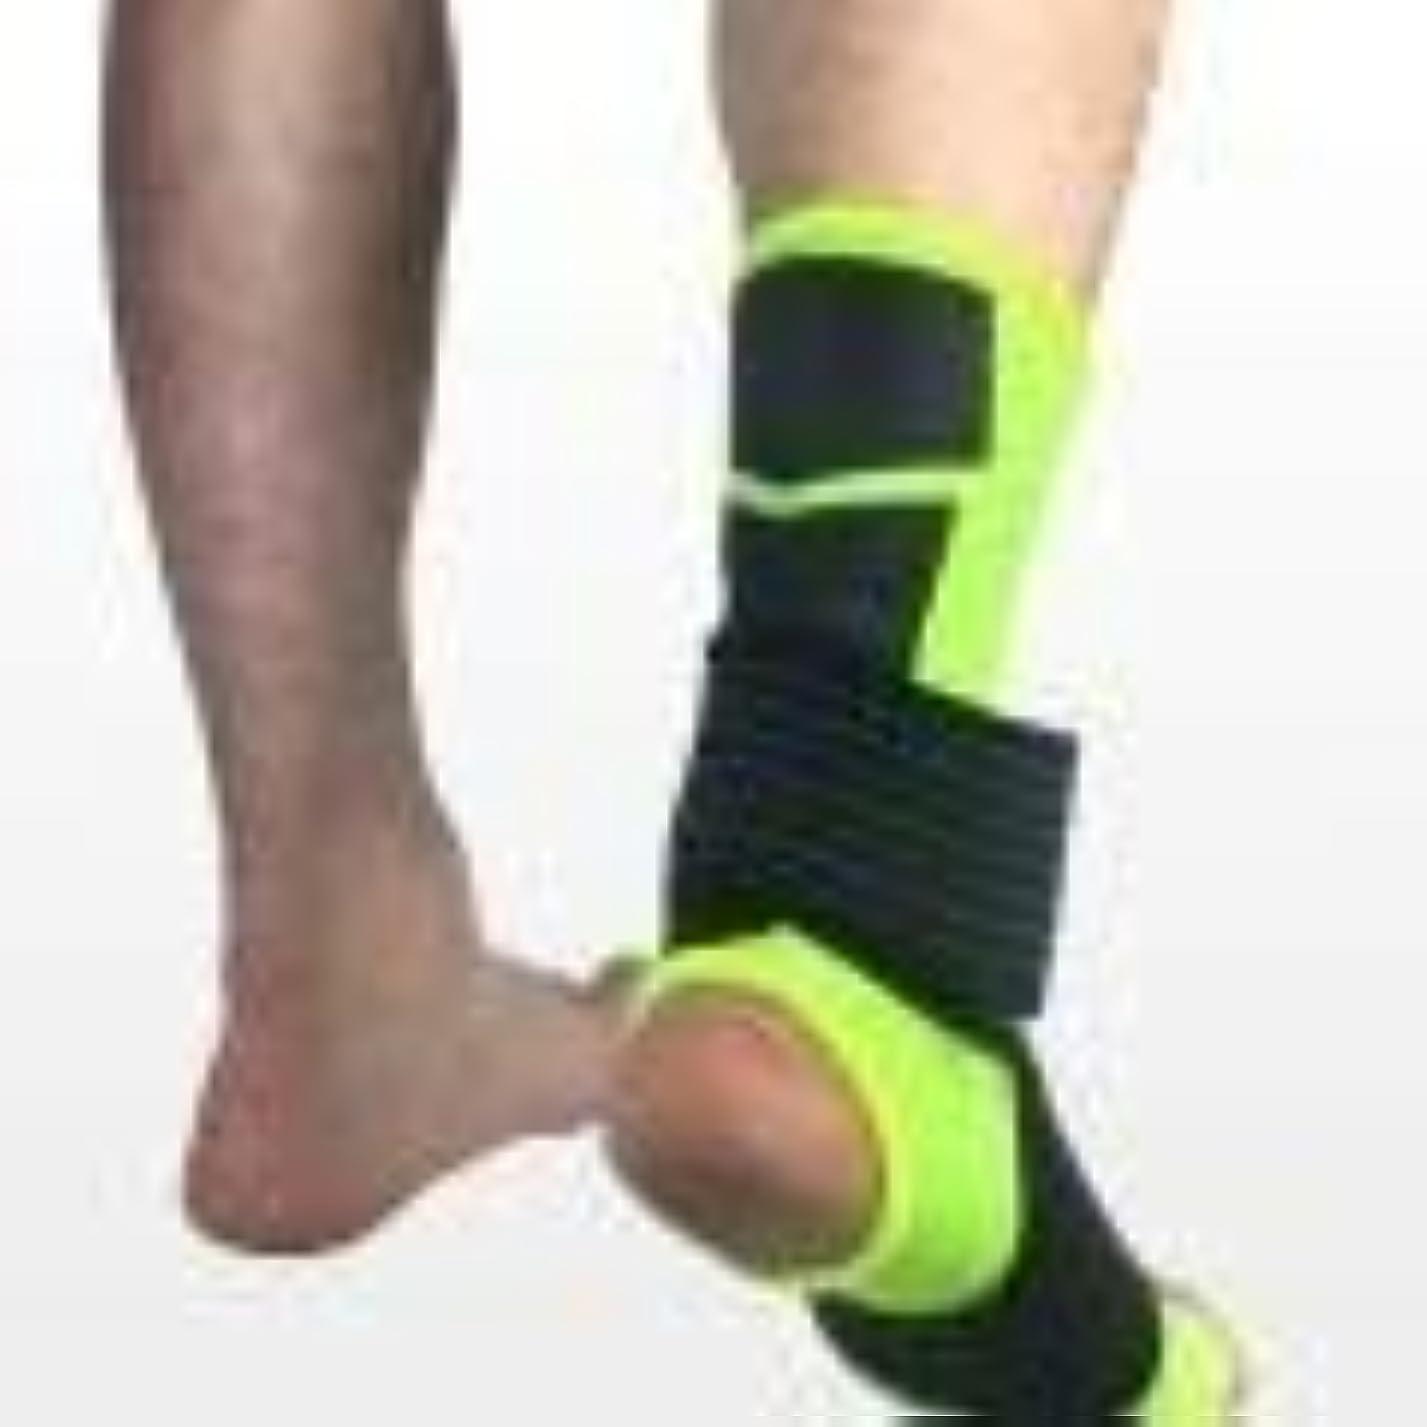 ロゴセント人気スポーツ足首装具圧縮サポートスリーブw/無料足首ストラップアキレス腱サポート、靭帯損傷の足首サポート (Color : B, Size : S)